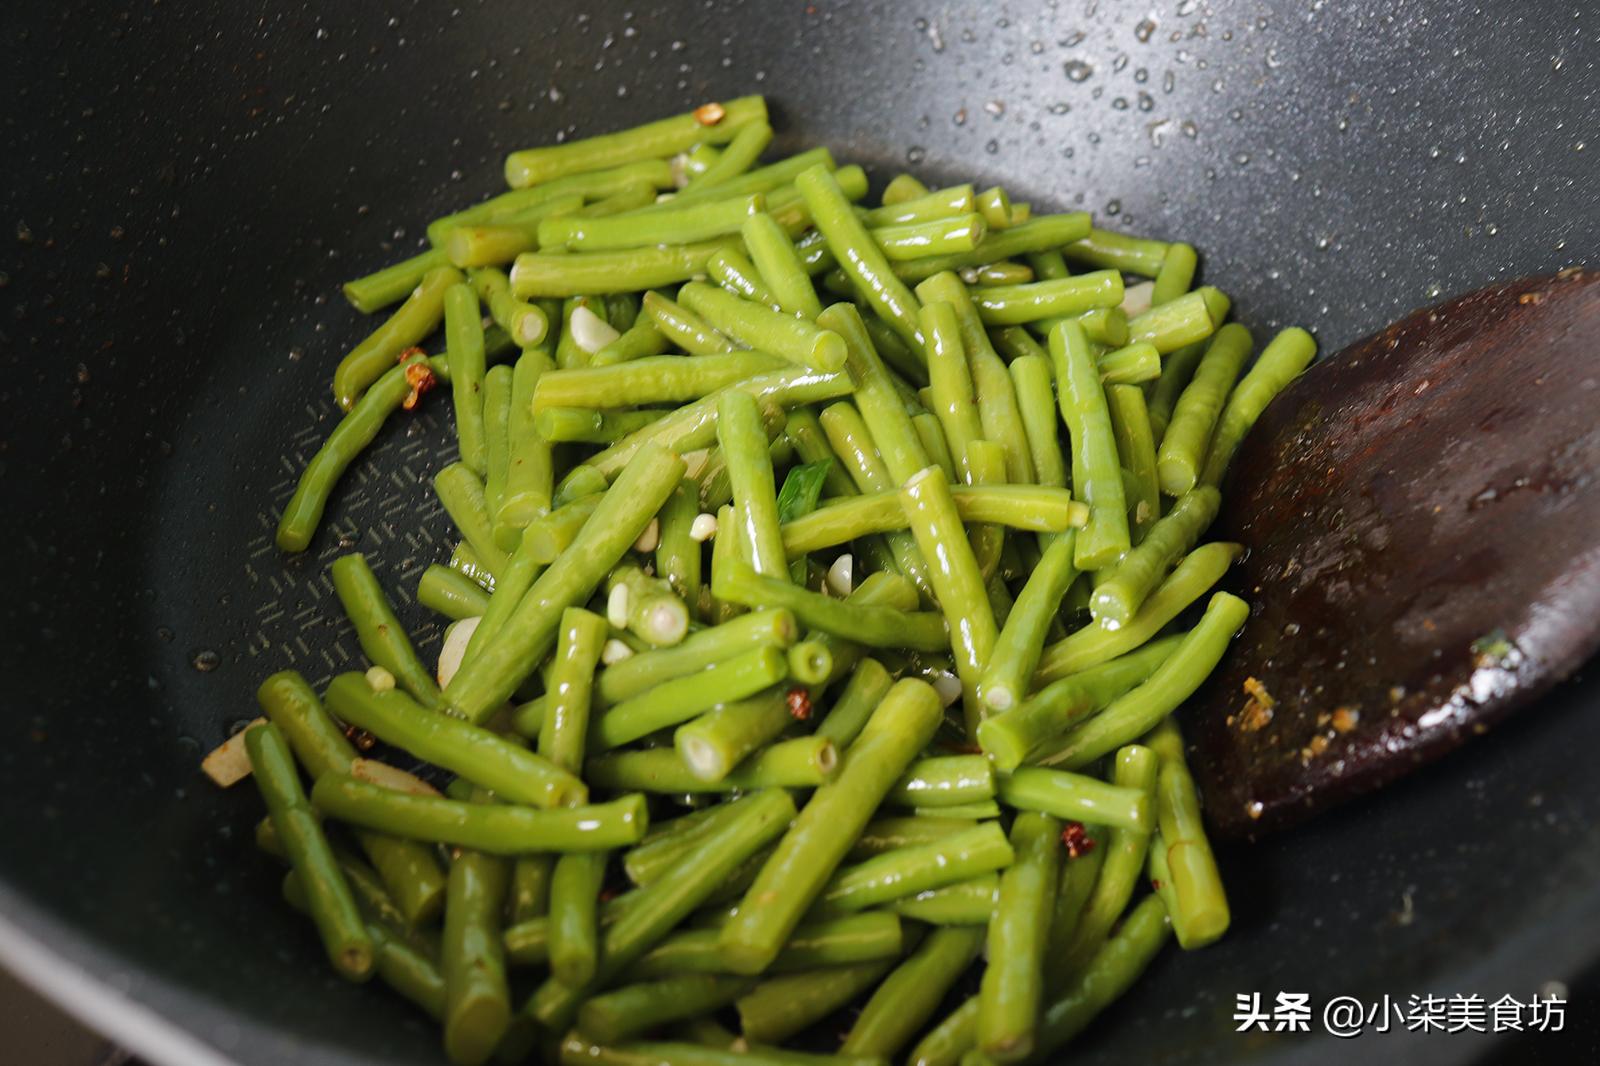 炒豆角时,切记不要直接下锅炒,多加2步,鲜嫩入味,营养又下饭 美食做法 第10张